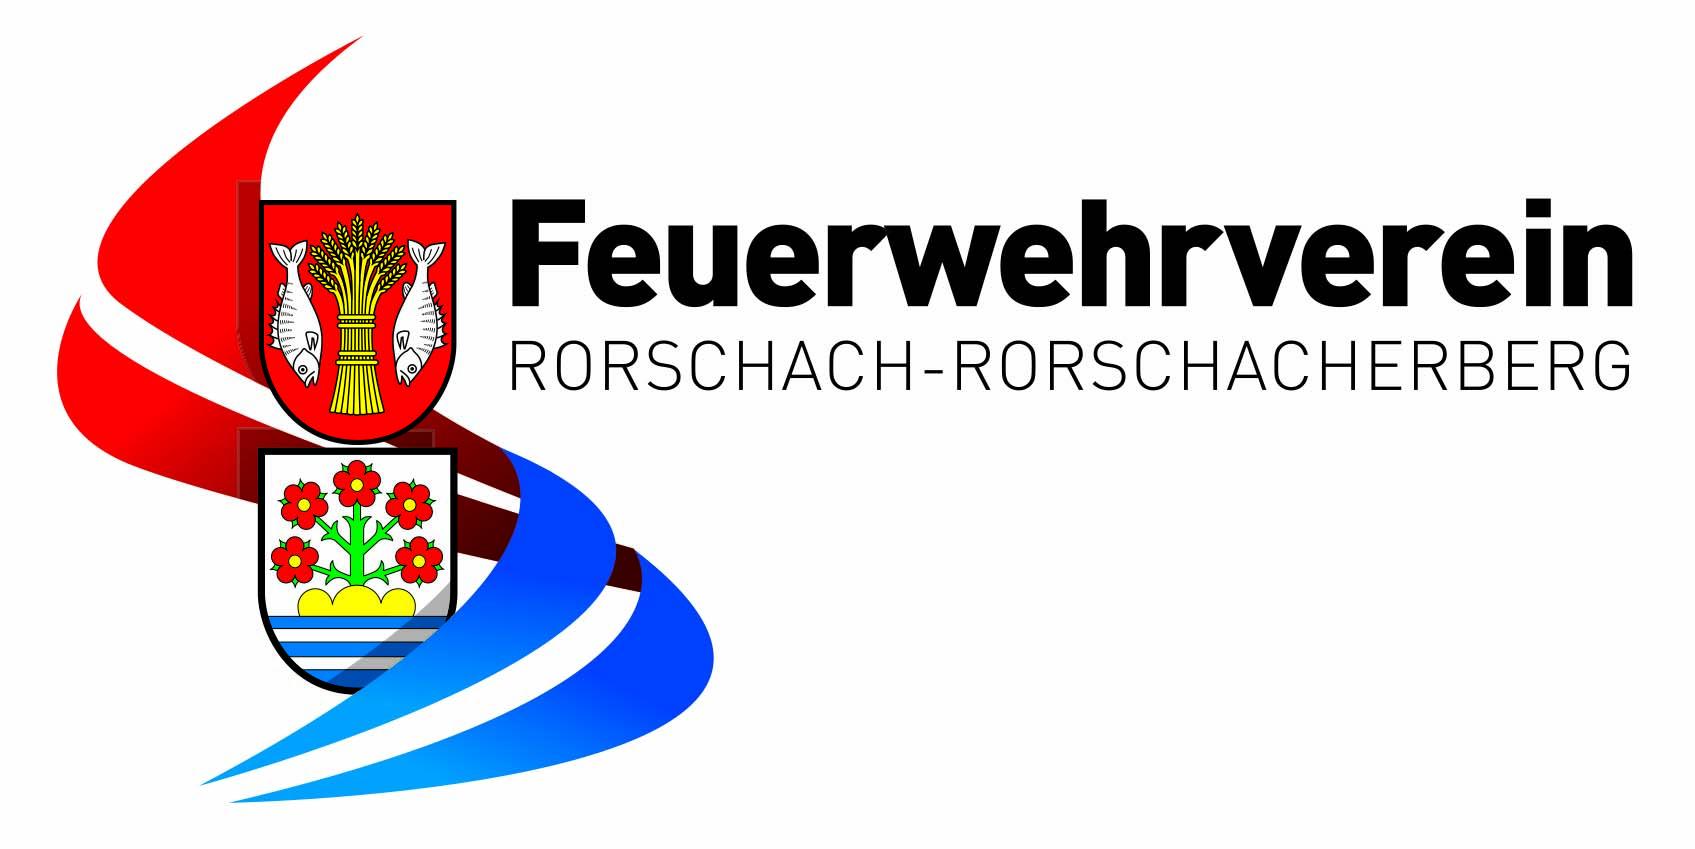 Logo Feuerwehrverein Rorschach-Rorschacherberg